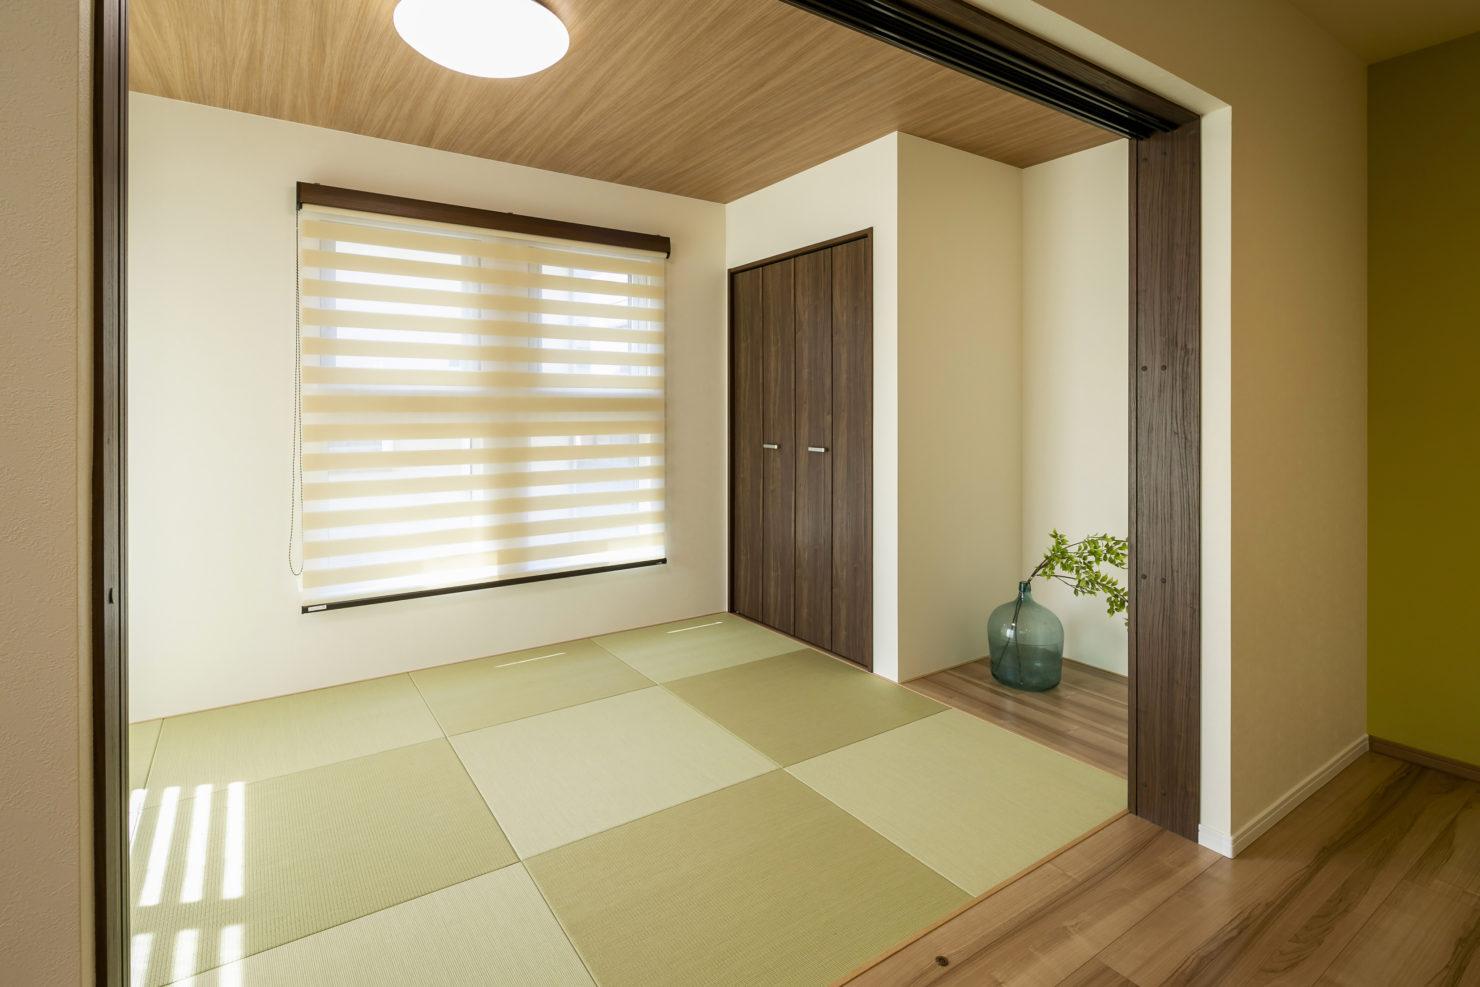 ハウスM21 施工例 和室